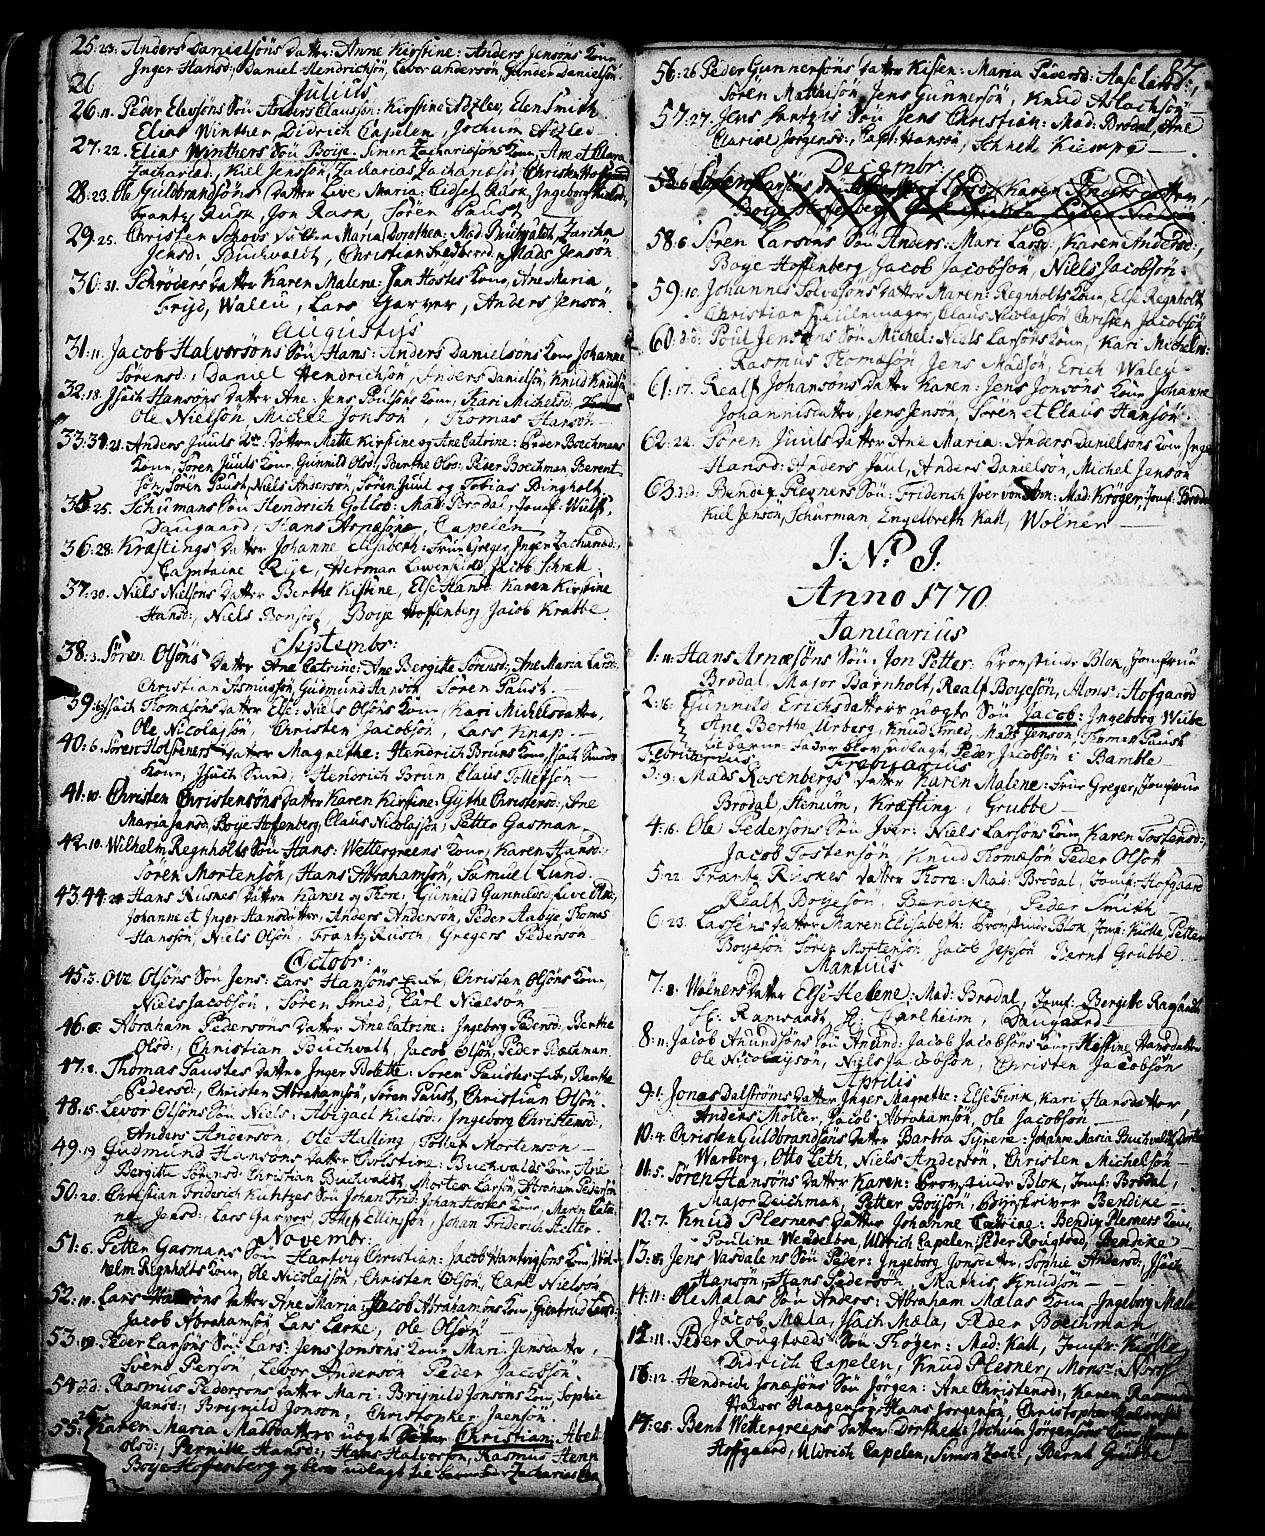 SAKO, Skien kirkebøker, G/Ga/L0001: Klokkerbok nr. 1, 1756-1791, s. 87